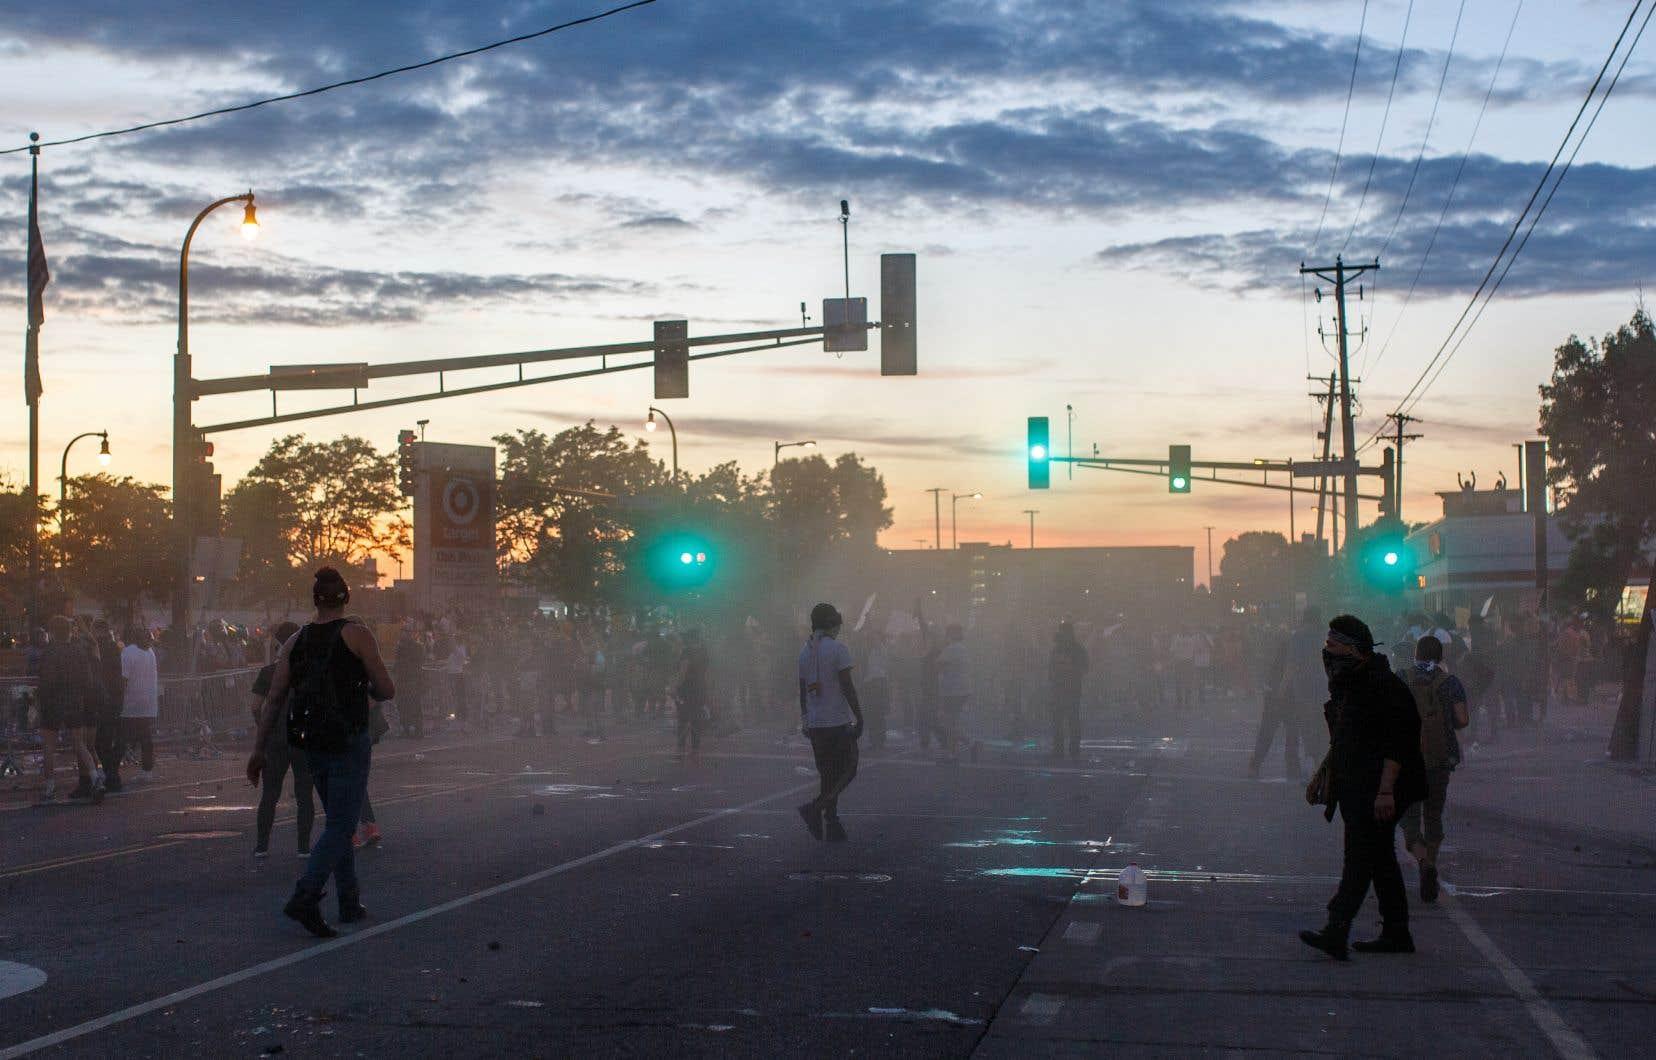 <p>Alors qu'incendies et pillages se poursuivaient dans la nuit près du commissariat, un homme est décédé après avoir été touché par balle à proximité des manifestations.</p>